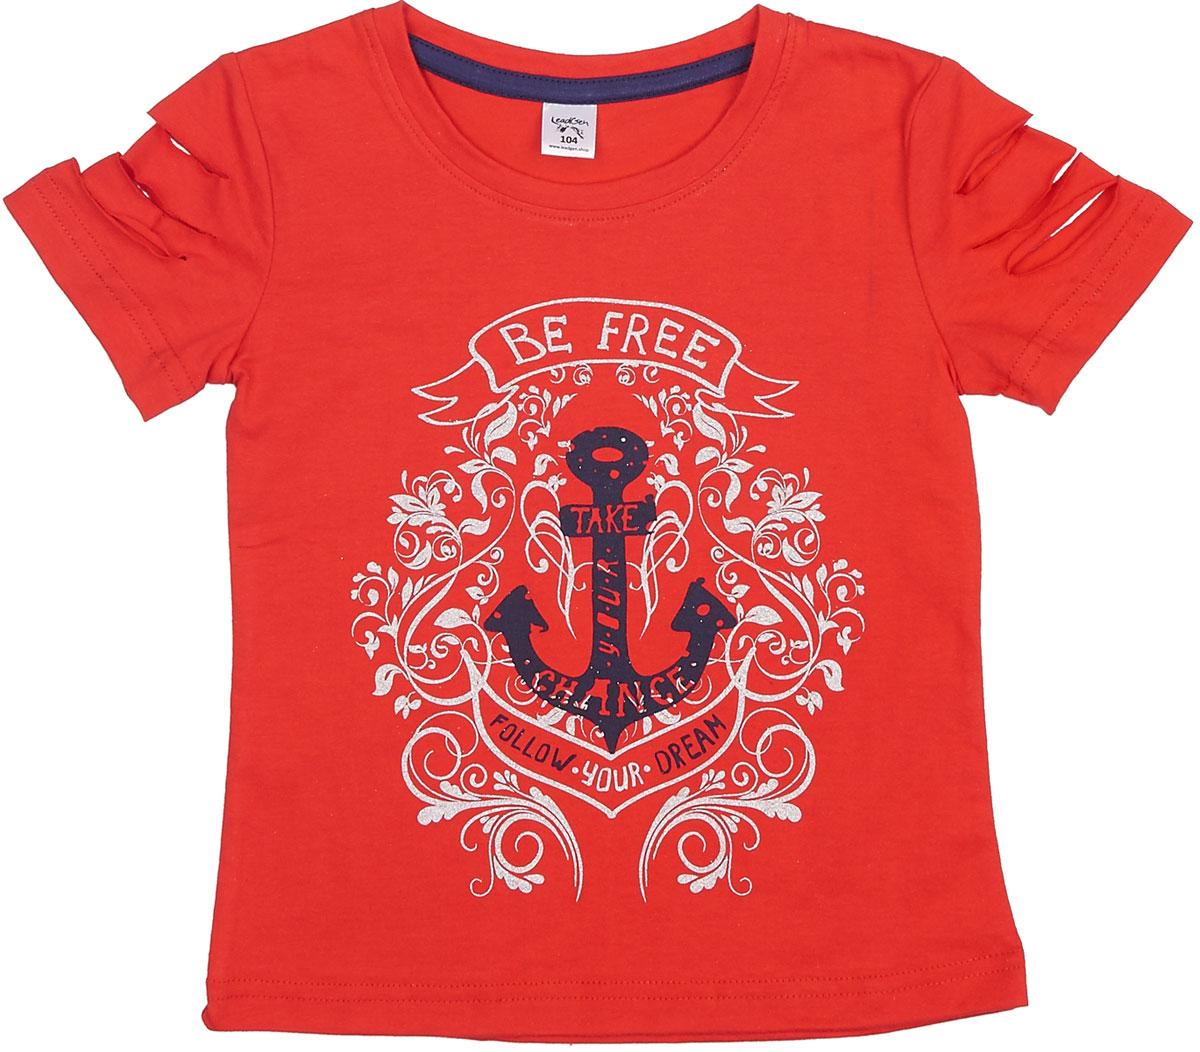 Футболка для девочки LeadGen, цвет: красный. G413019007-171. Размер 140G413019007-171Футболка для девочки LeadGen выполнена из натурального хлопкового трикотажа. Модель с короткими рукавами и круглым вырезом горловины спереди оформлена принтом.